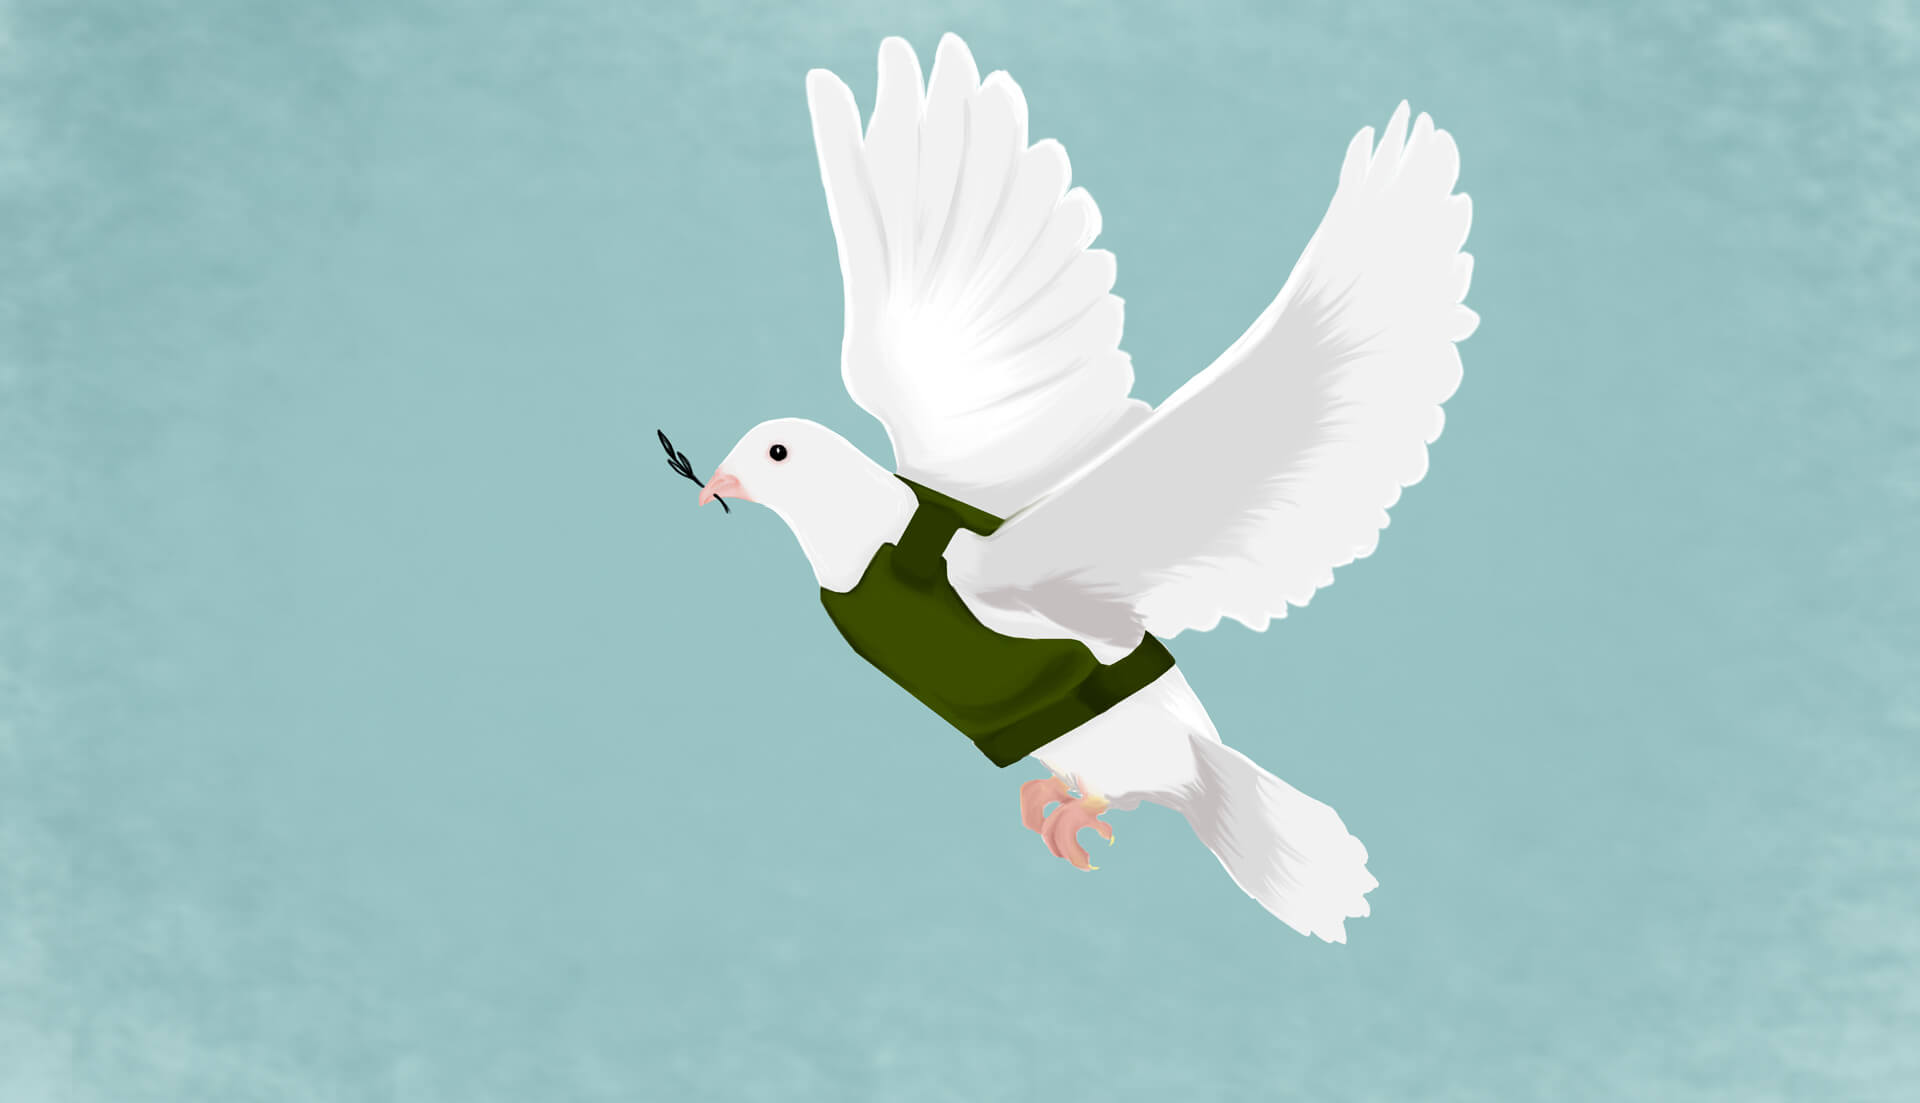 La paz no está tan blindada como parece